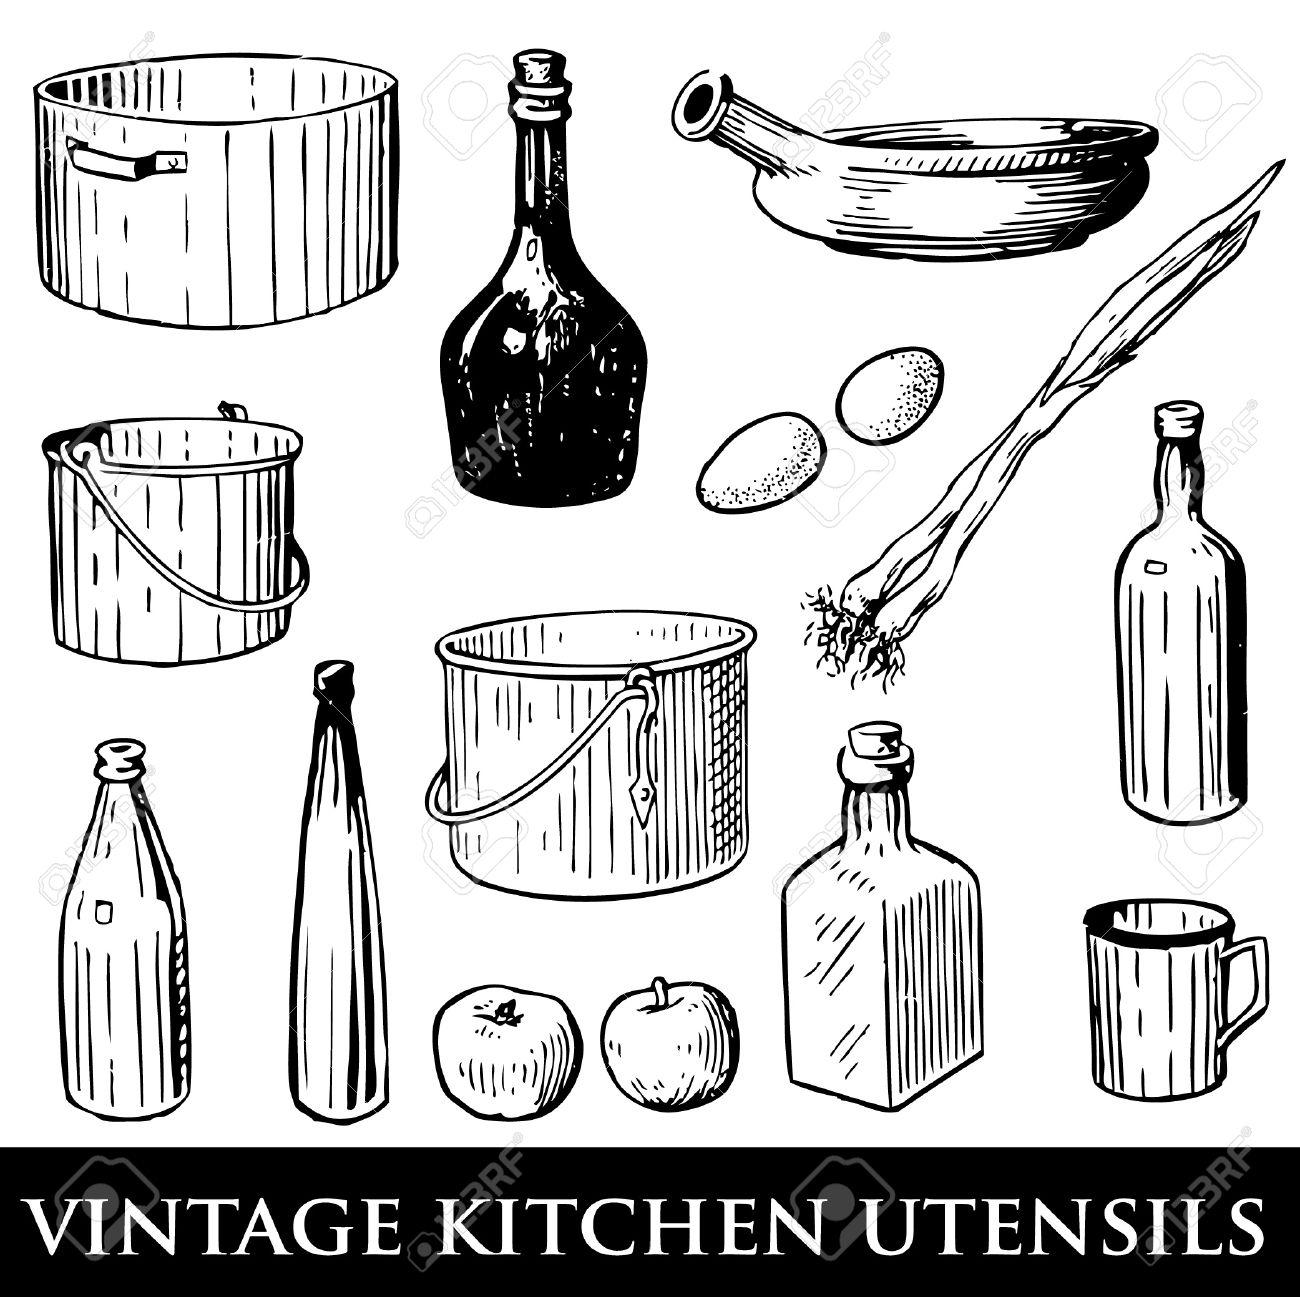 Vintage Kitchen Utensils Illustration set of vintage kitchen utensils royalty free cliparts, vectors